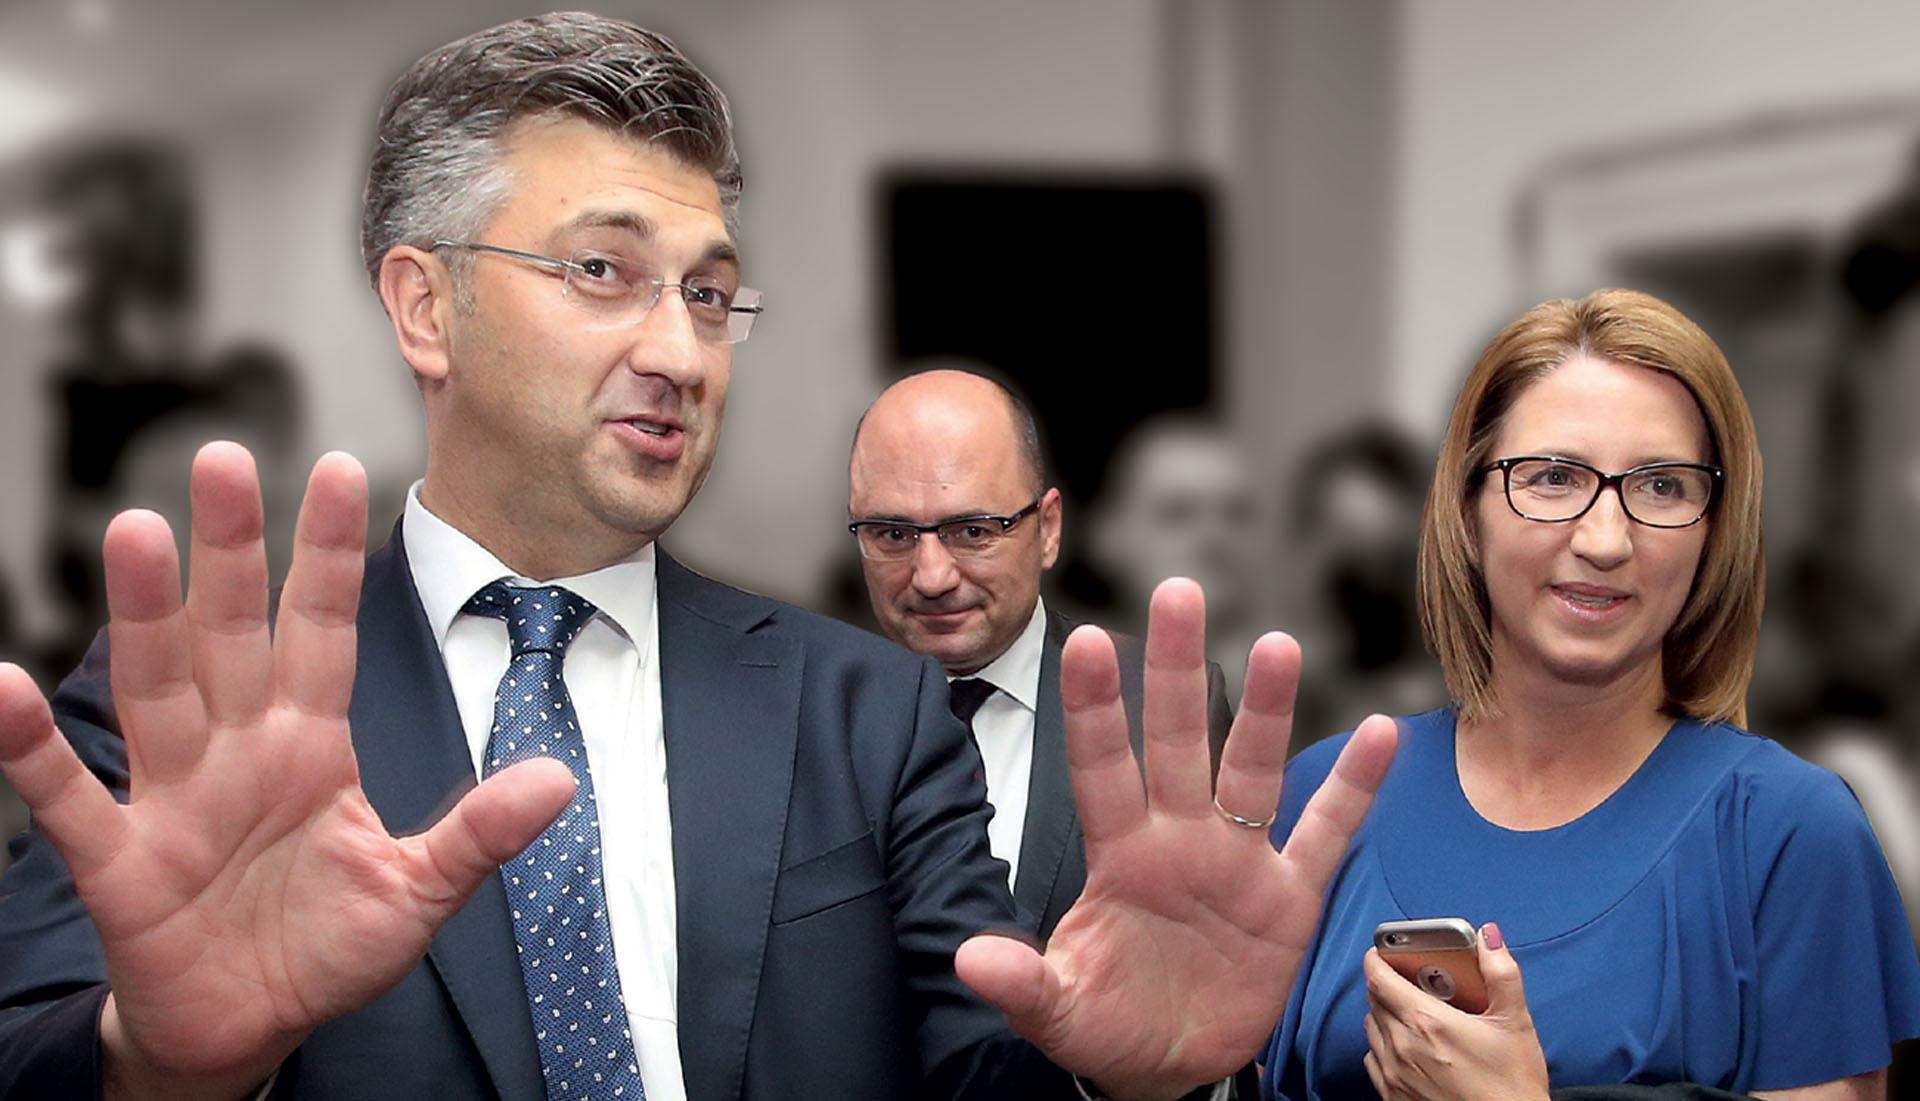 EKSKLUZIVNO Kako je pokrenut plan za rušenje Plenkovića